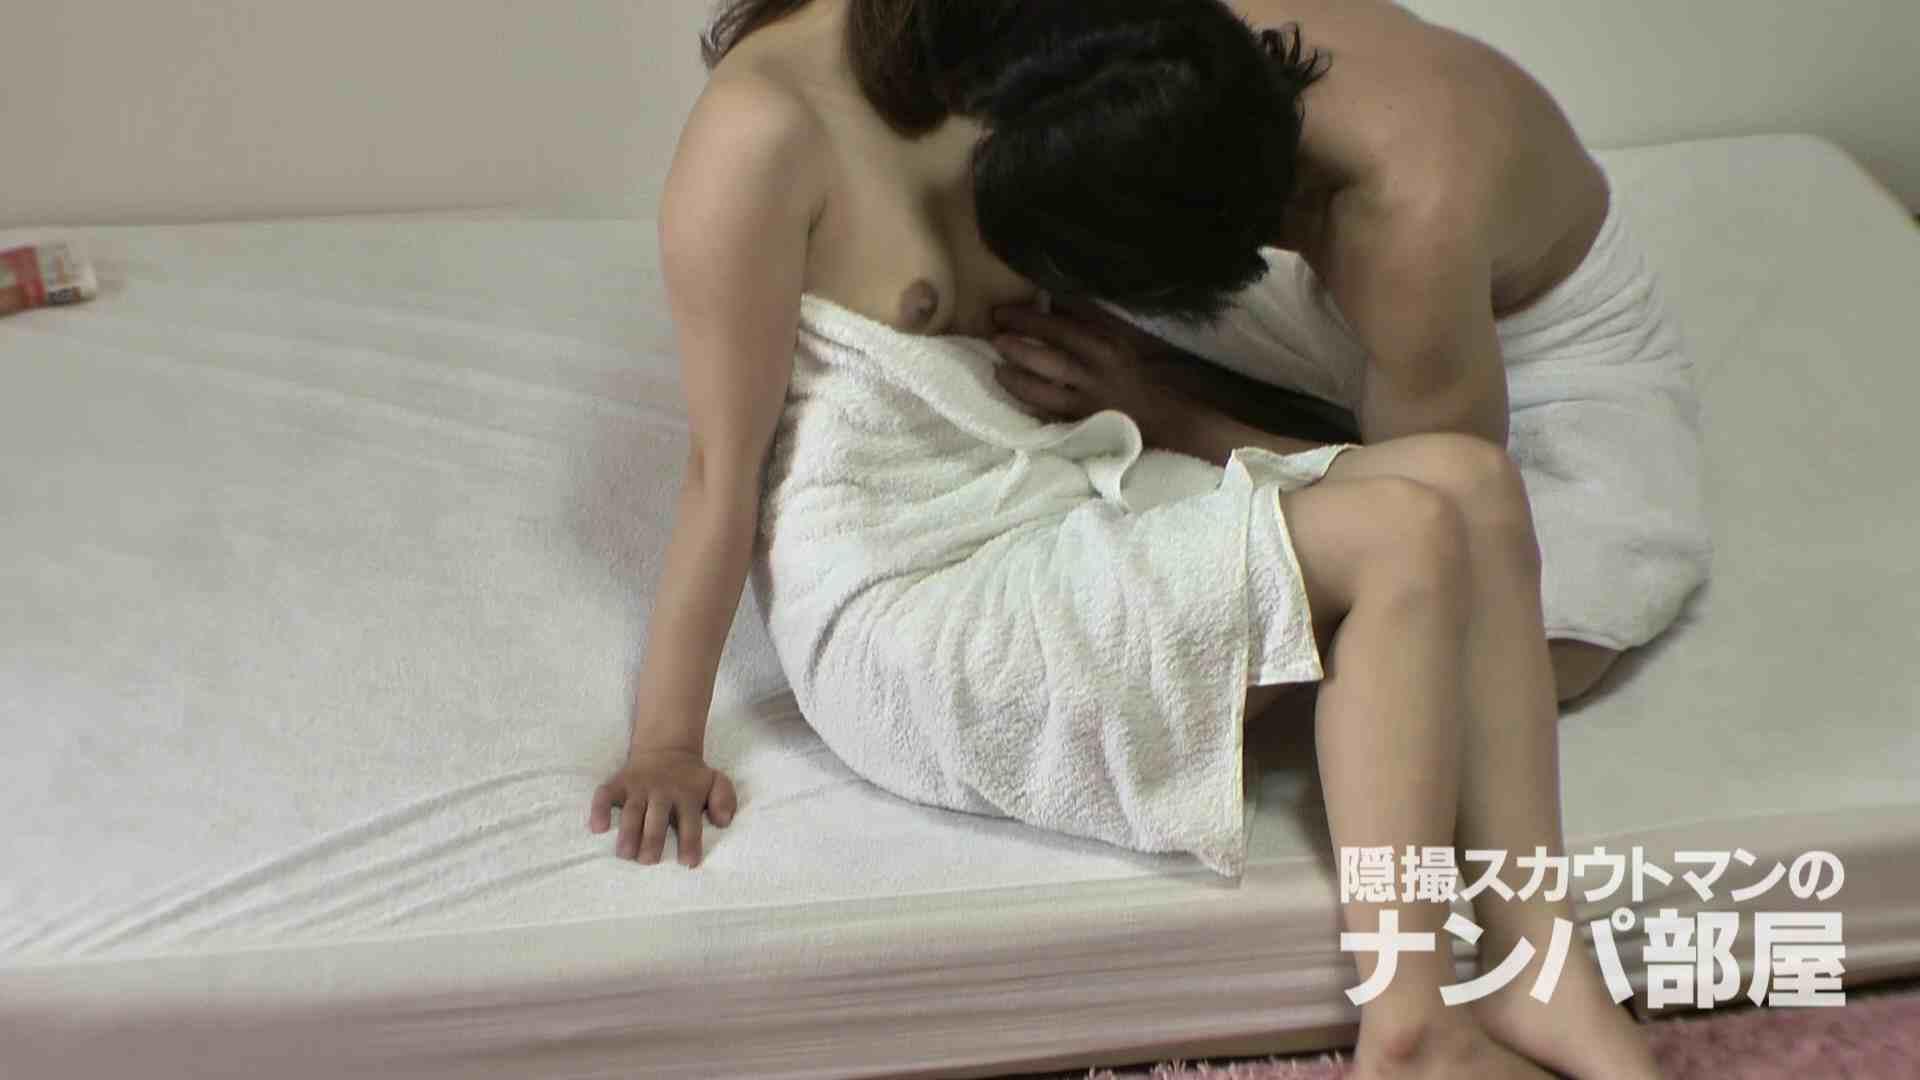 隠撮スカウトマンのナンパ部屋~風俗デビュー前のつまみ食い~ sii 脱衣所 | ナンパ  90連発 61